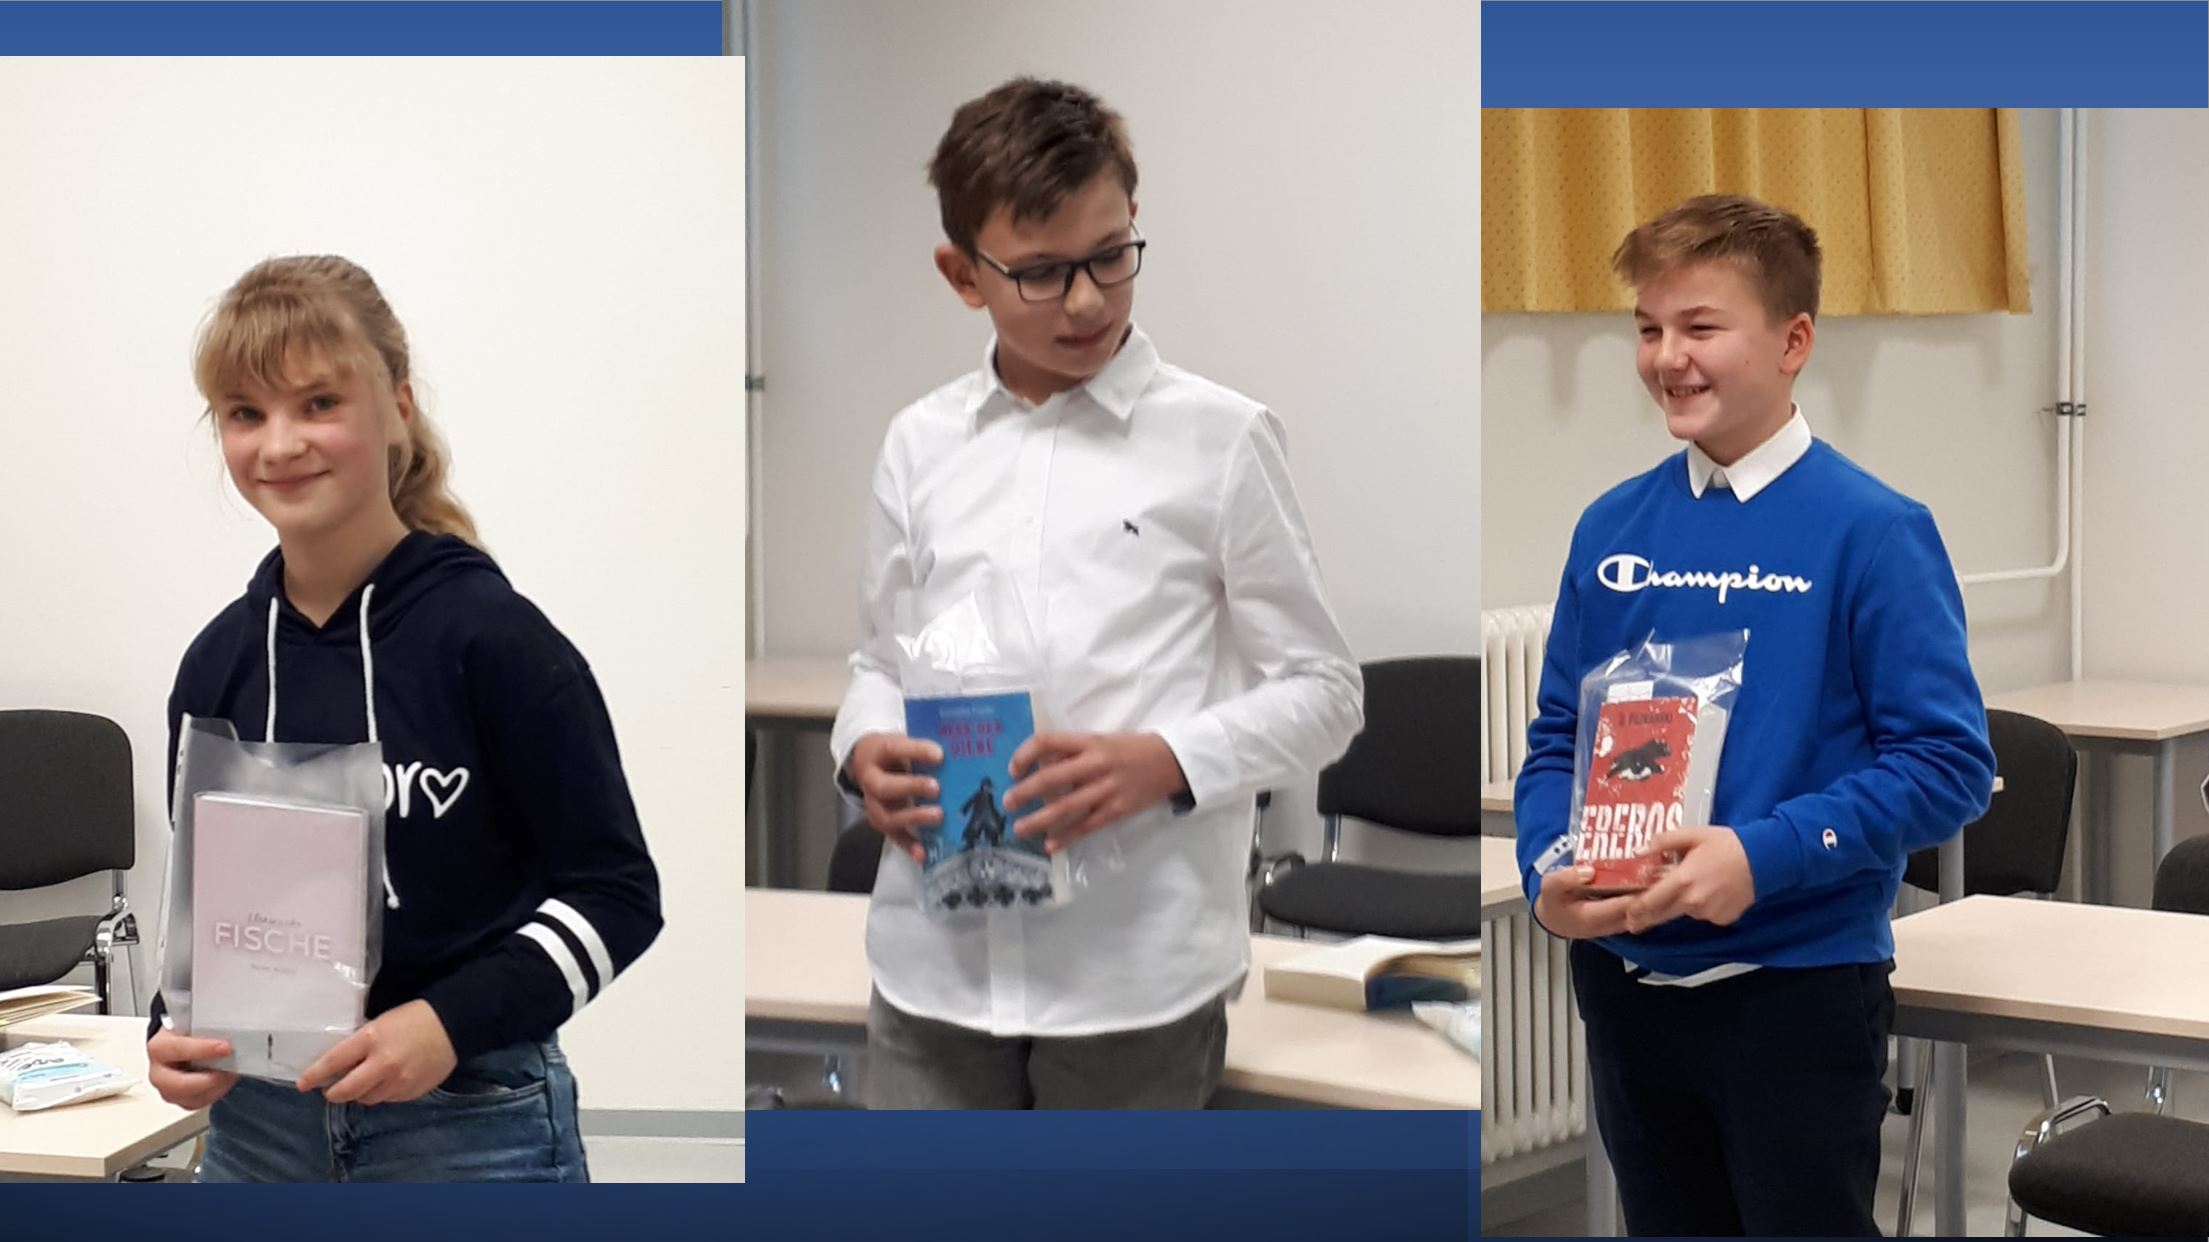 Vorlesewettbewerb des Burgenland-Gymnasiums Laucha 2020